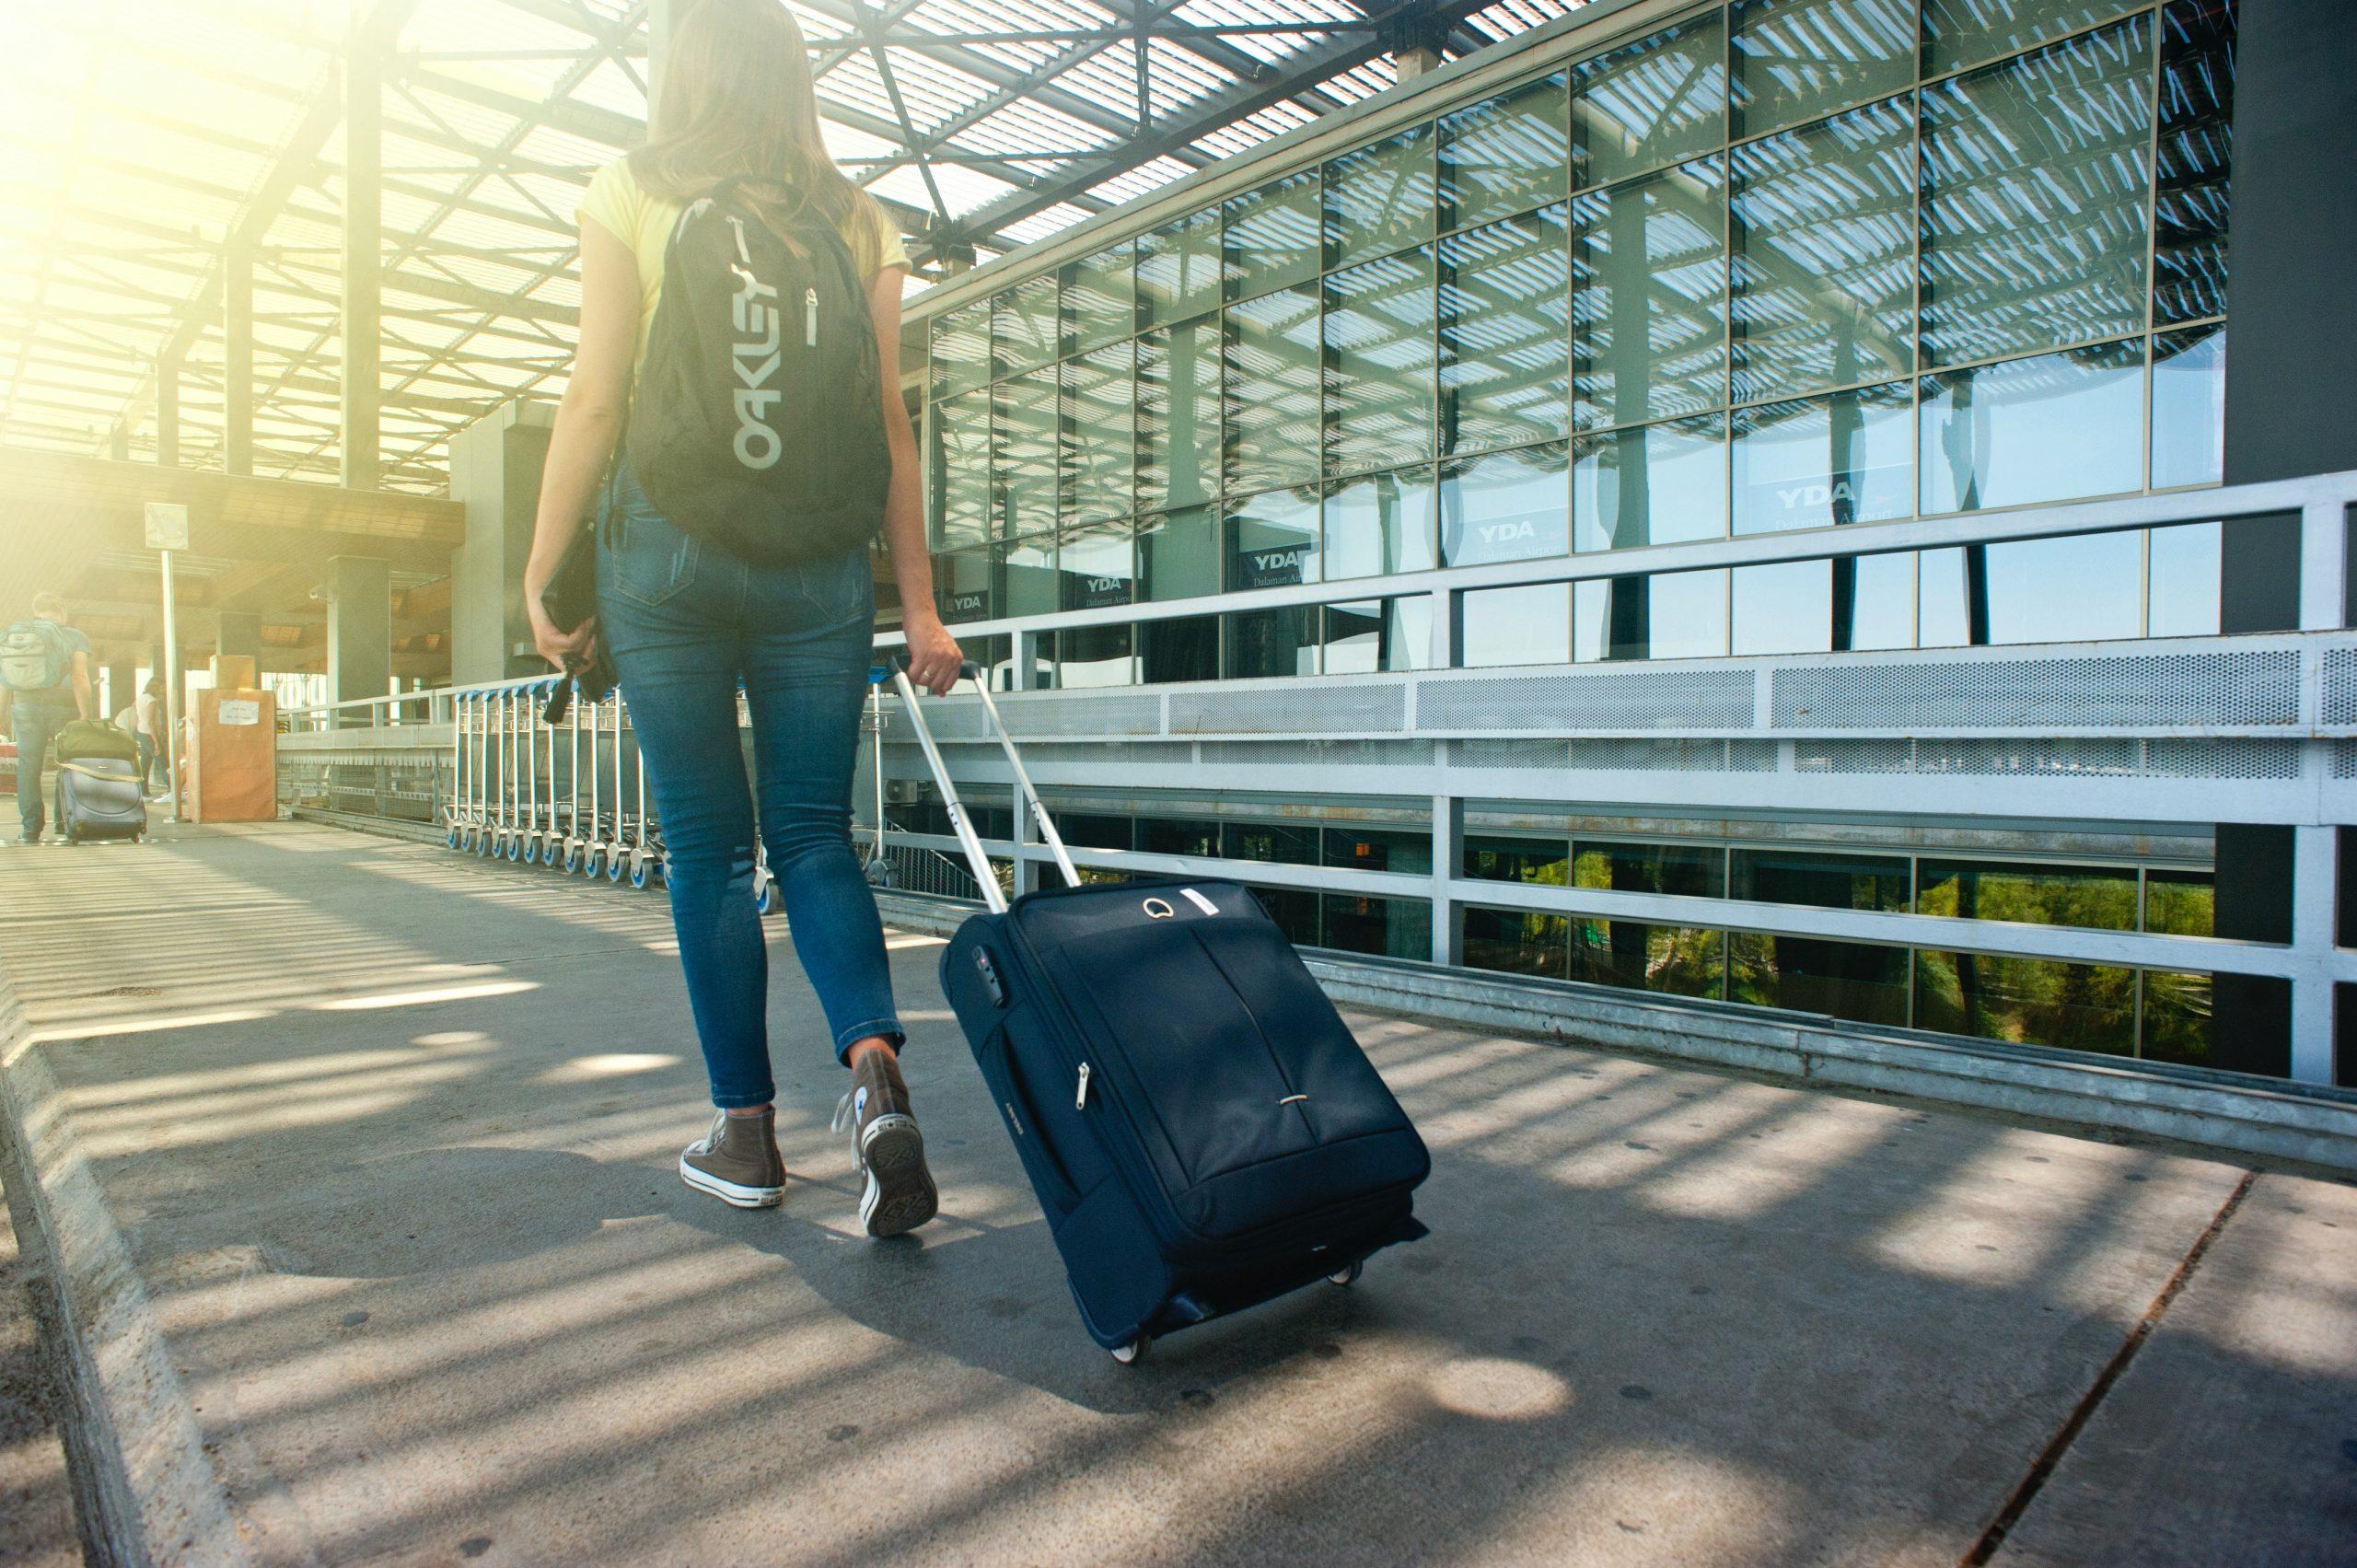 Imagem de uma mulher puxando uma mochila de carrinho.